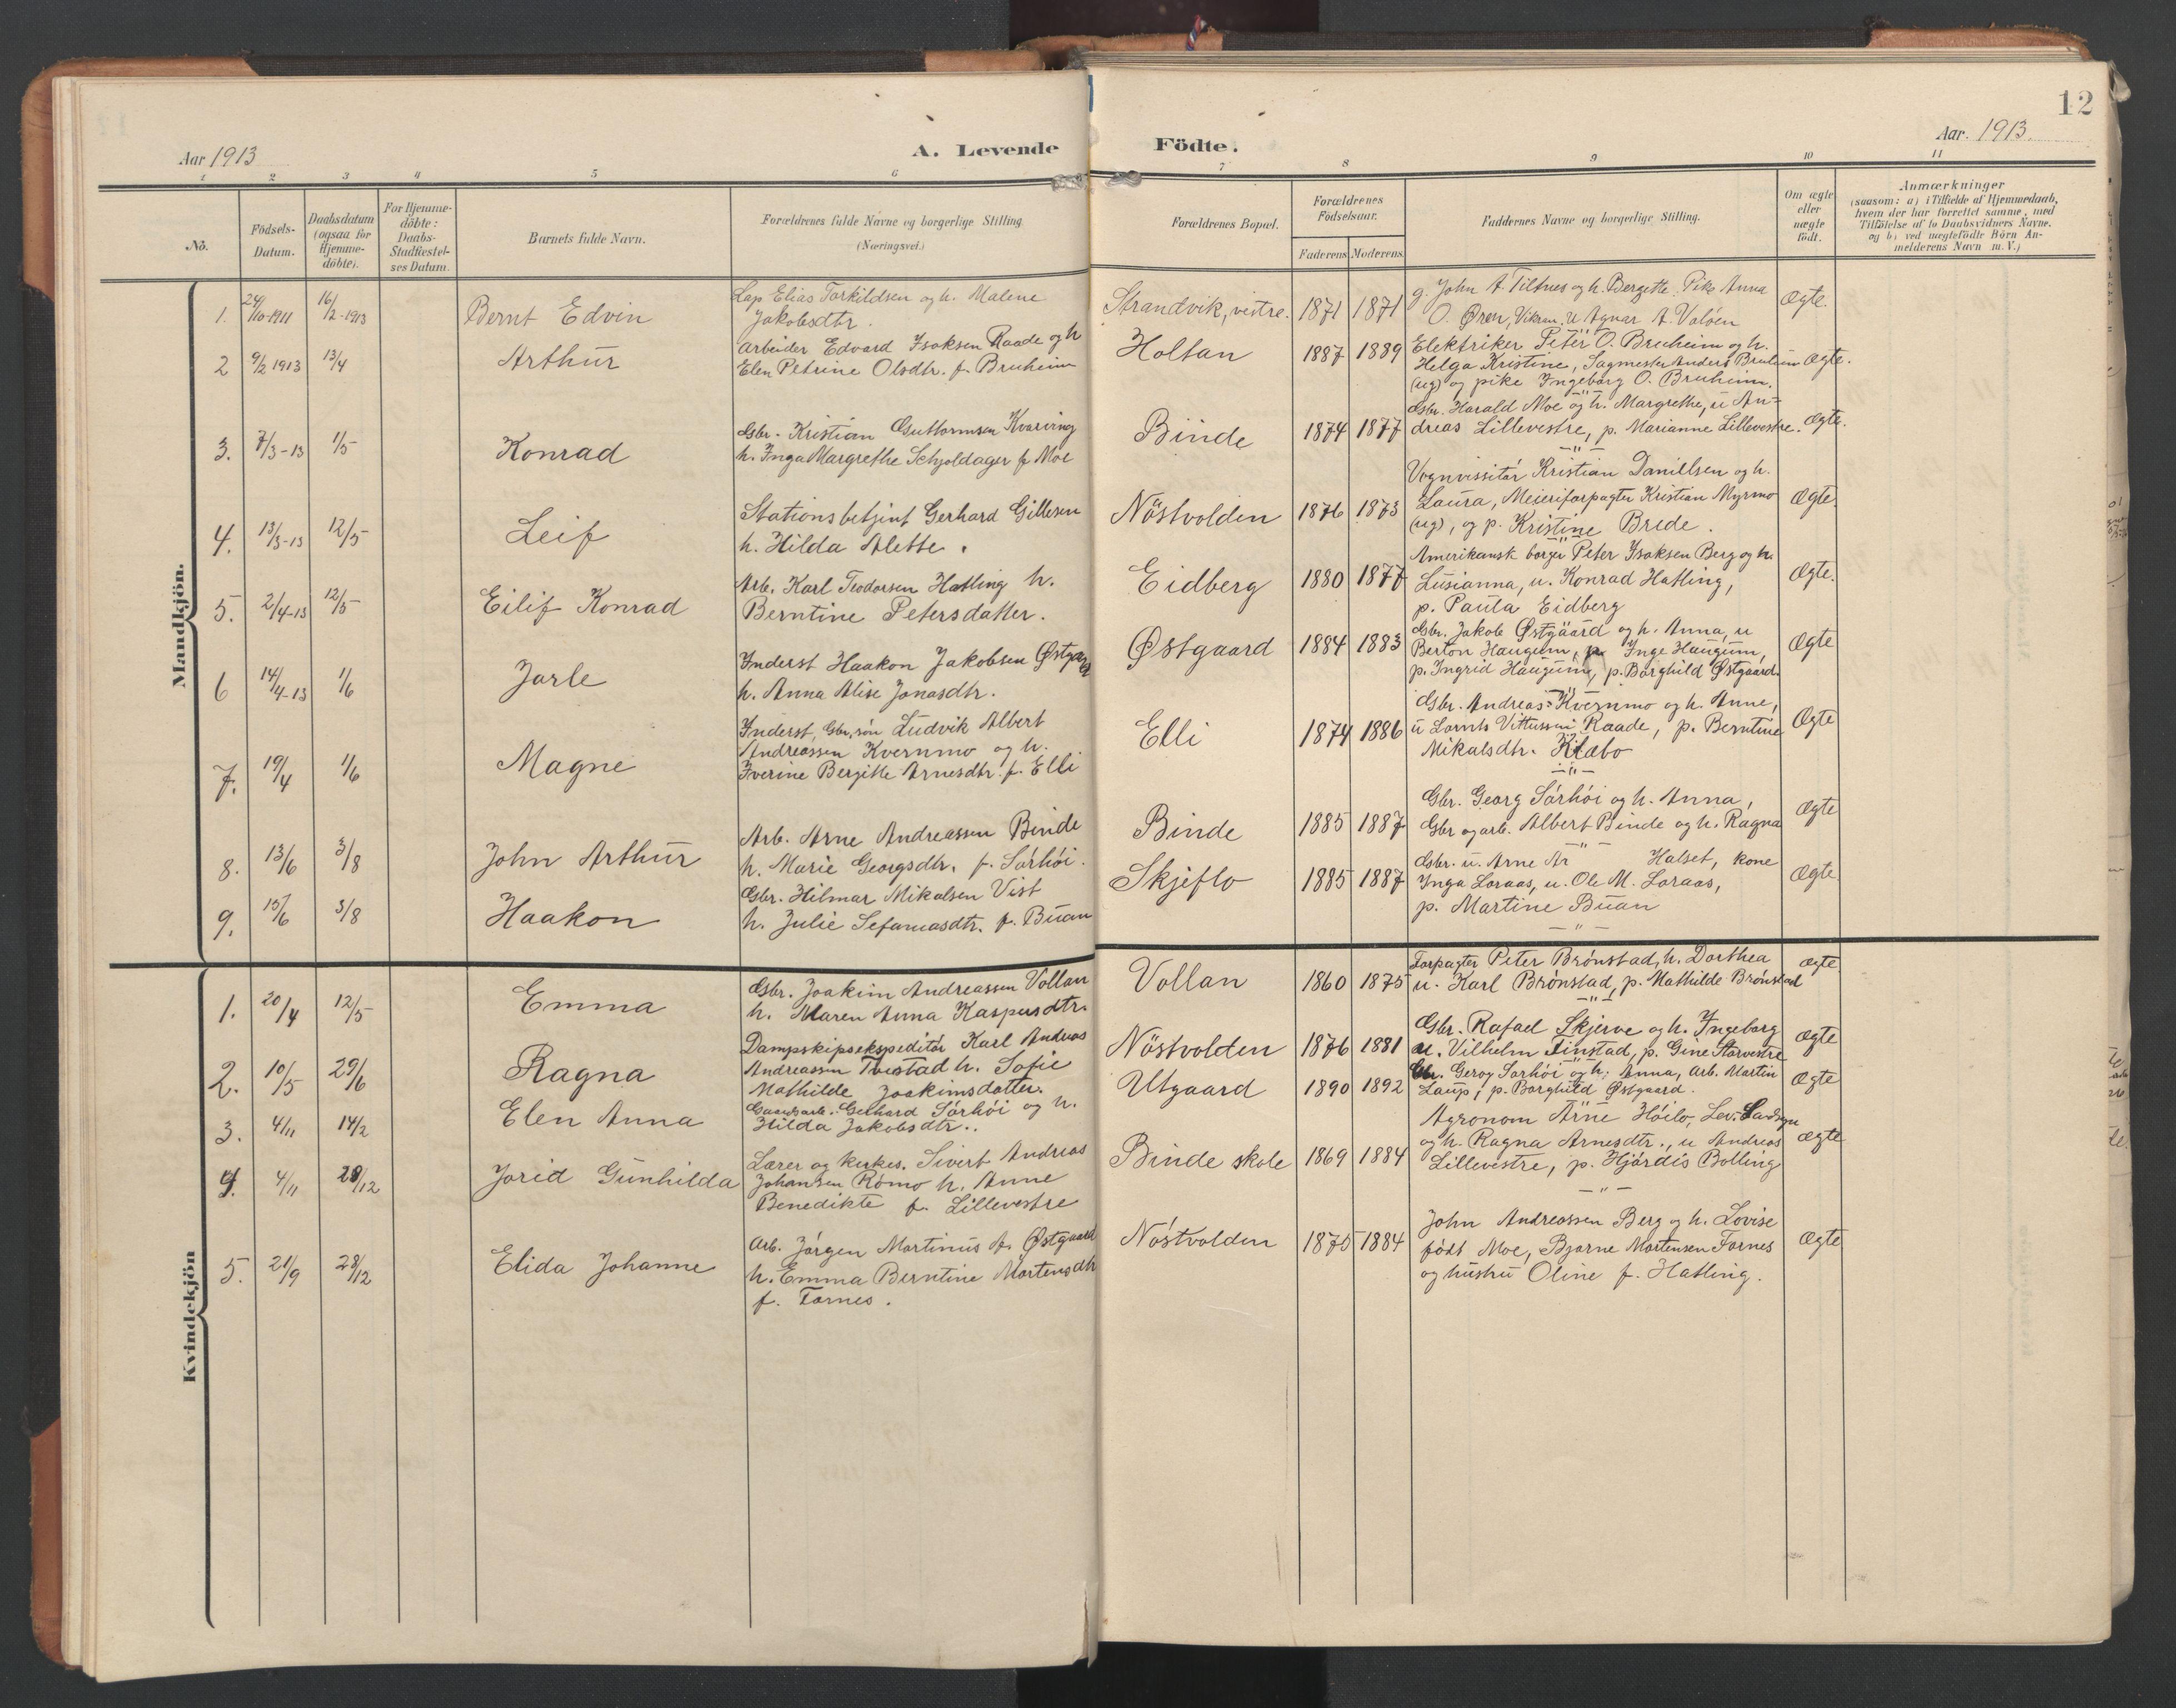 SAT, Ministerialprotokoller, klokkerbøker og fødselsregistre - Nord-Trøndelag, 746/L0455: Klokkerbok nr. 746C01, 1908-1933, s. 12